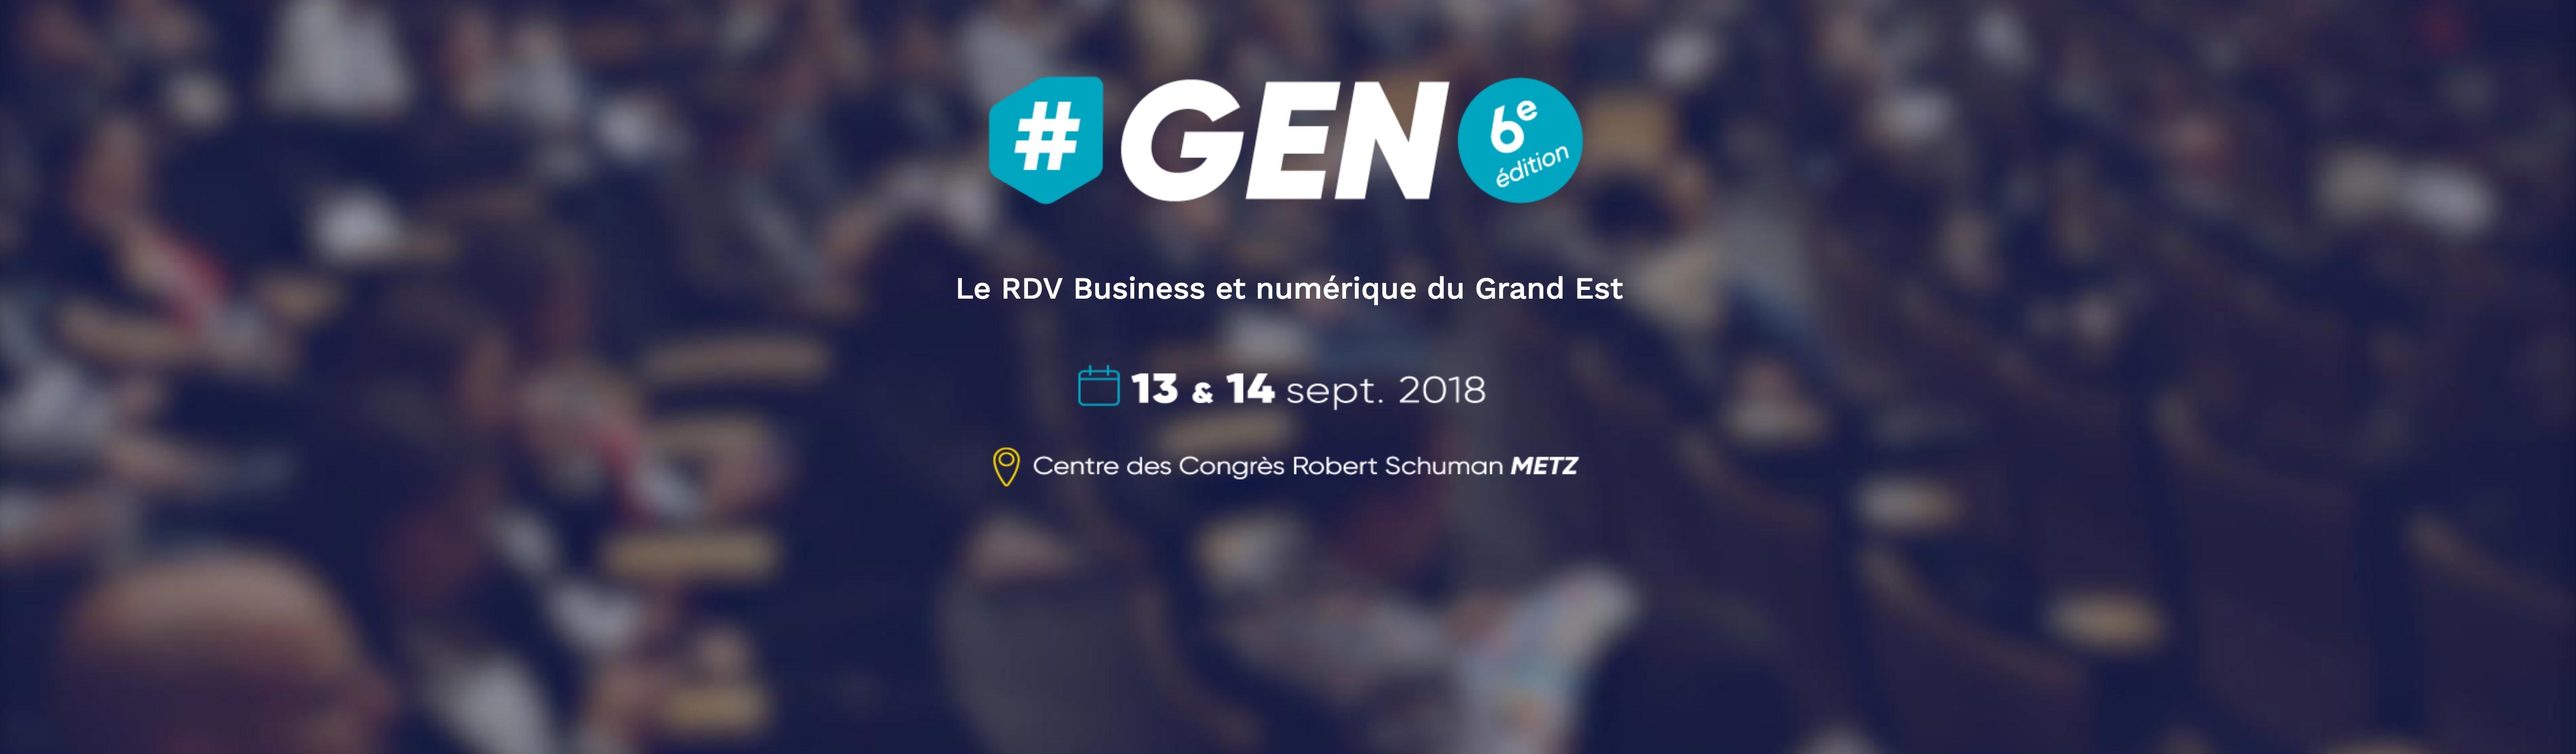 Rendez-vous à #GEN 6 à Metz cette semaine